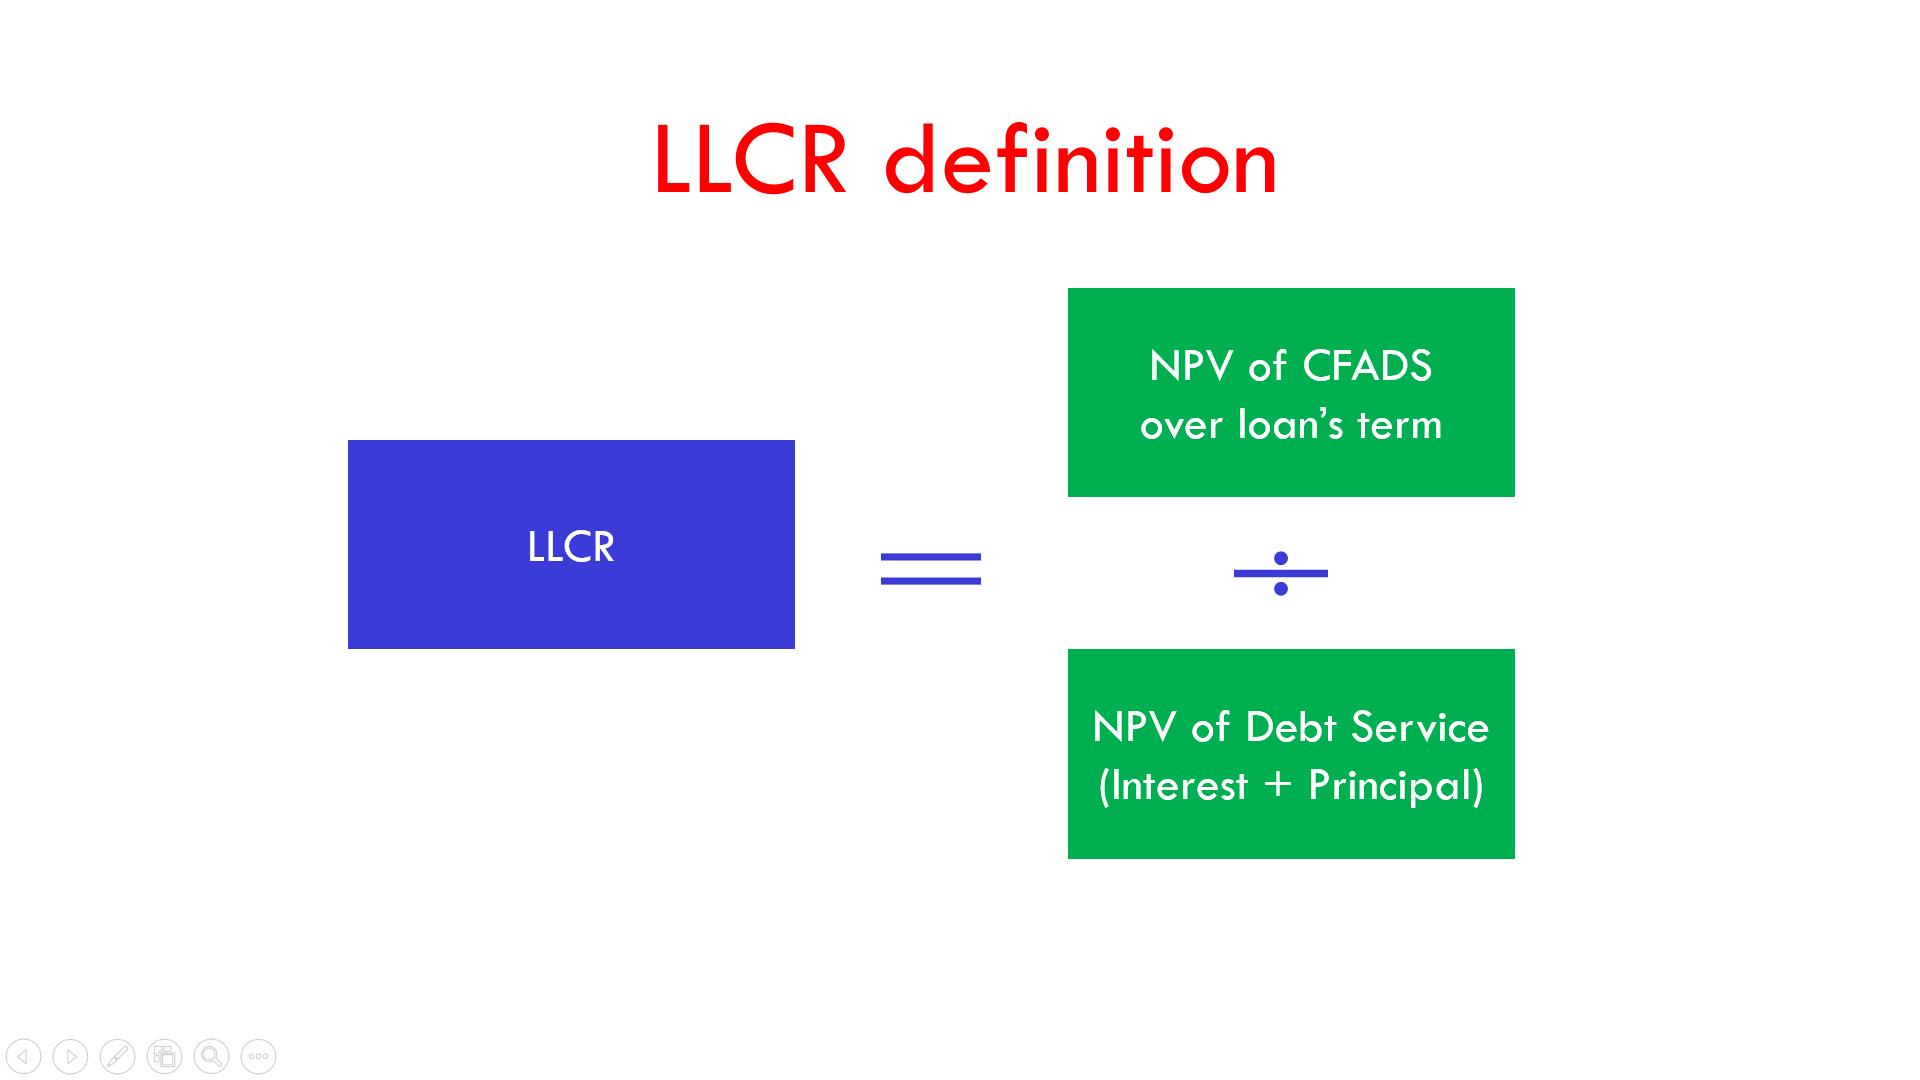 LLCR definition